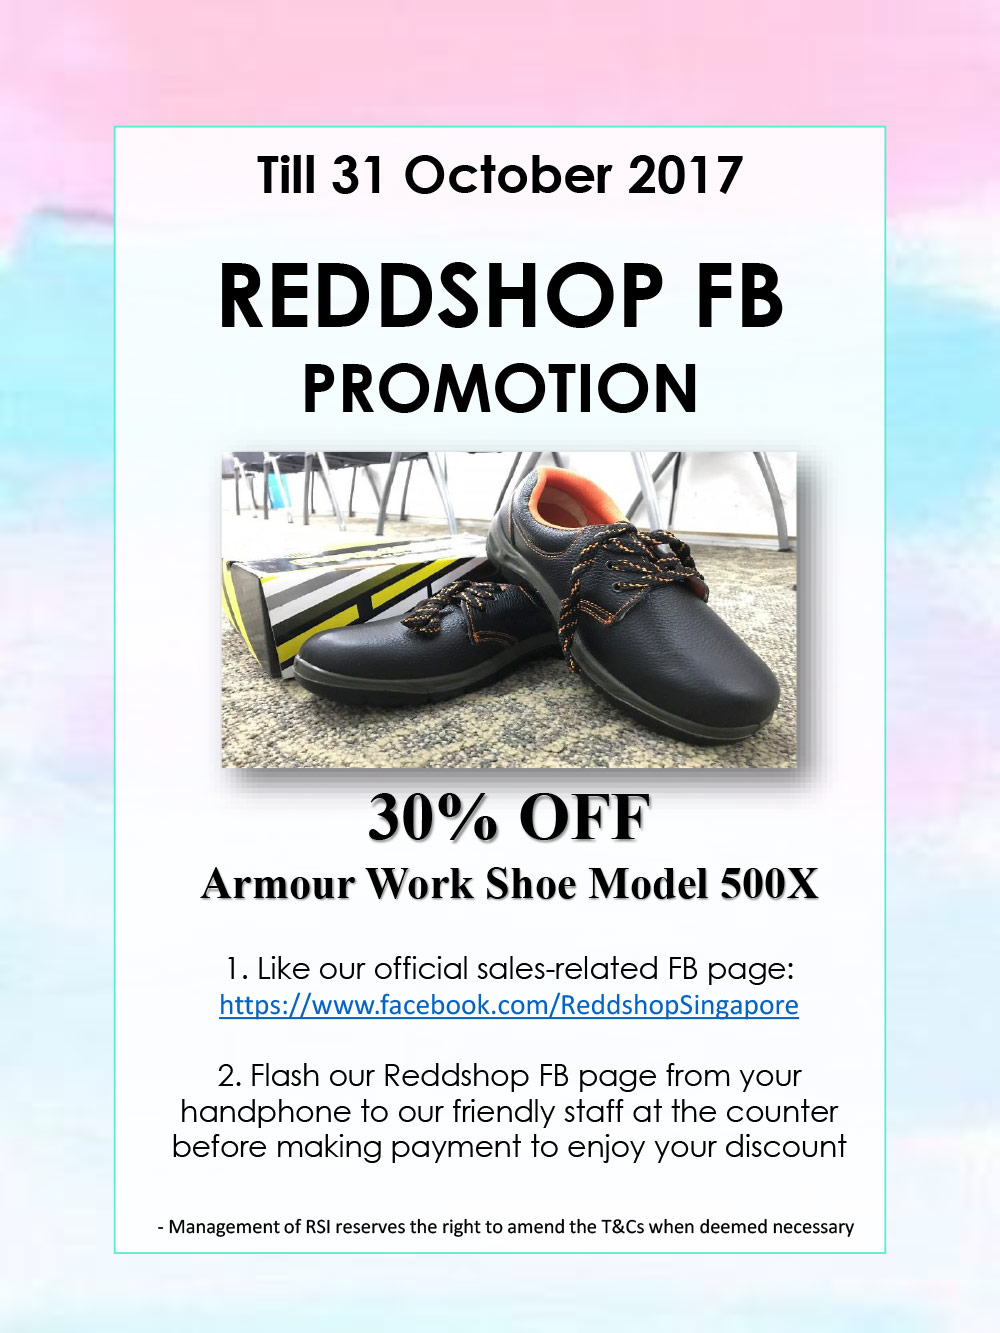 reddshop-fb-promotion-safety-boots-artwork